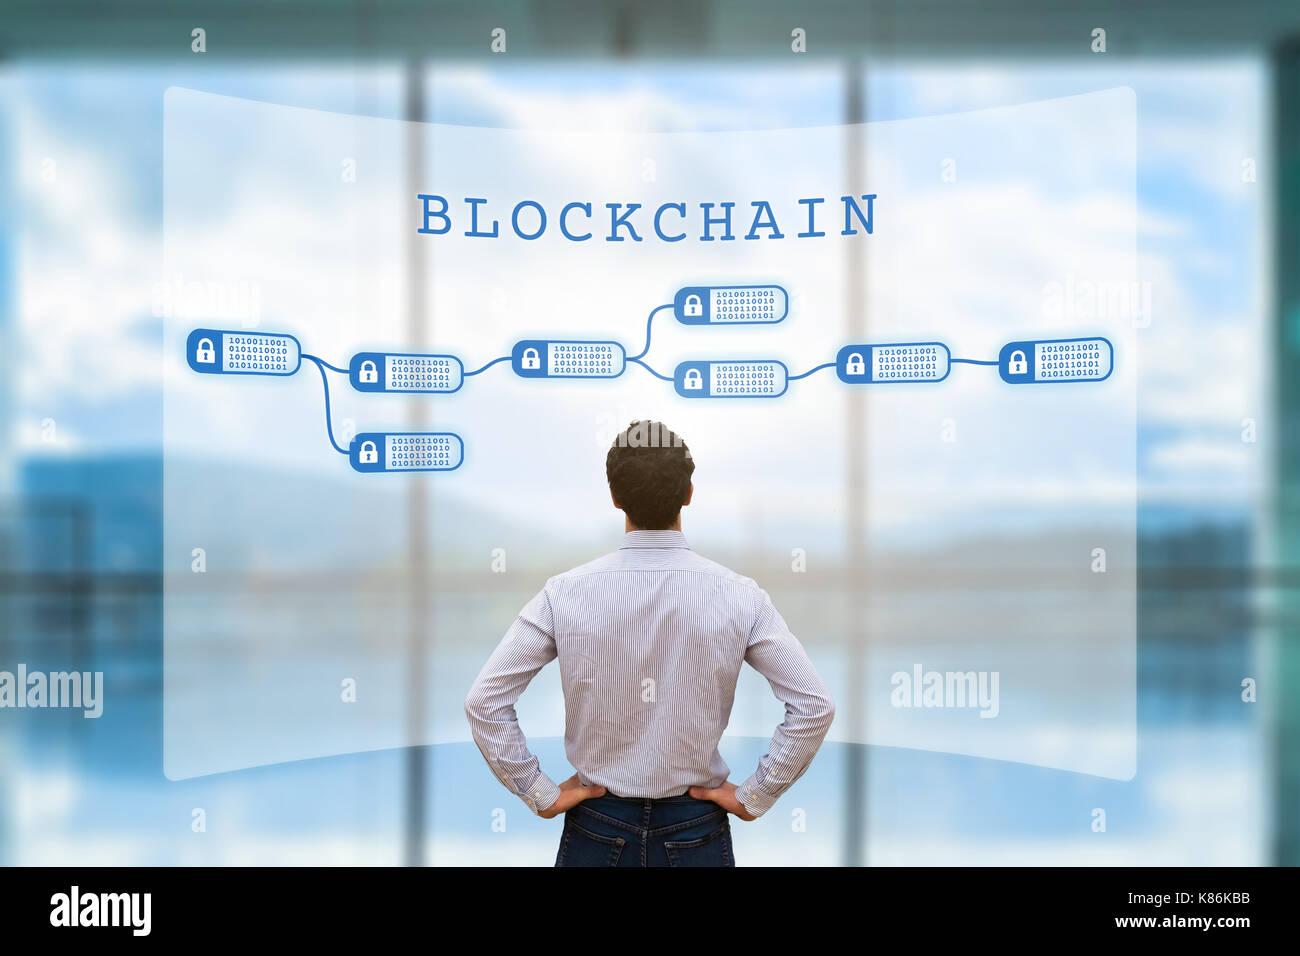 Persona mirando blockchain concepto en pantalla como una contabilidad descentralizada cryptocurrency garantizados por la tecnología y los negocios financieros datos de transacción Imagen De Stock